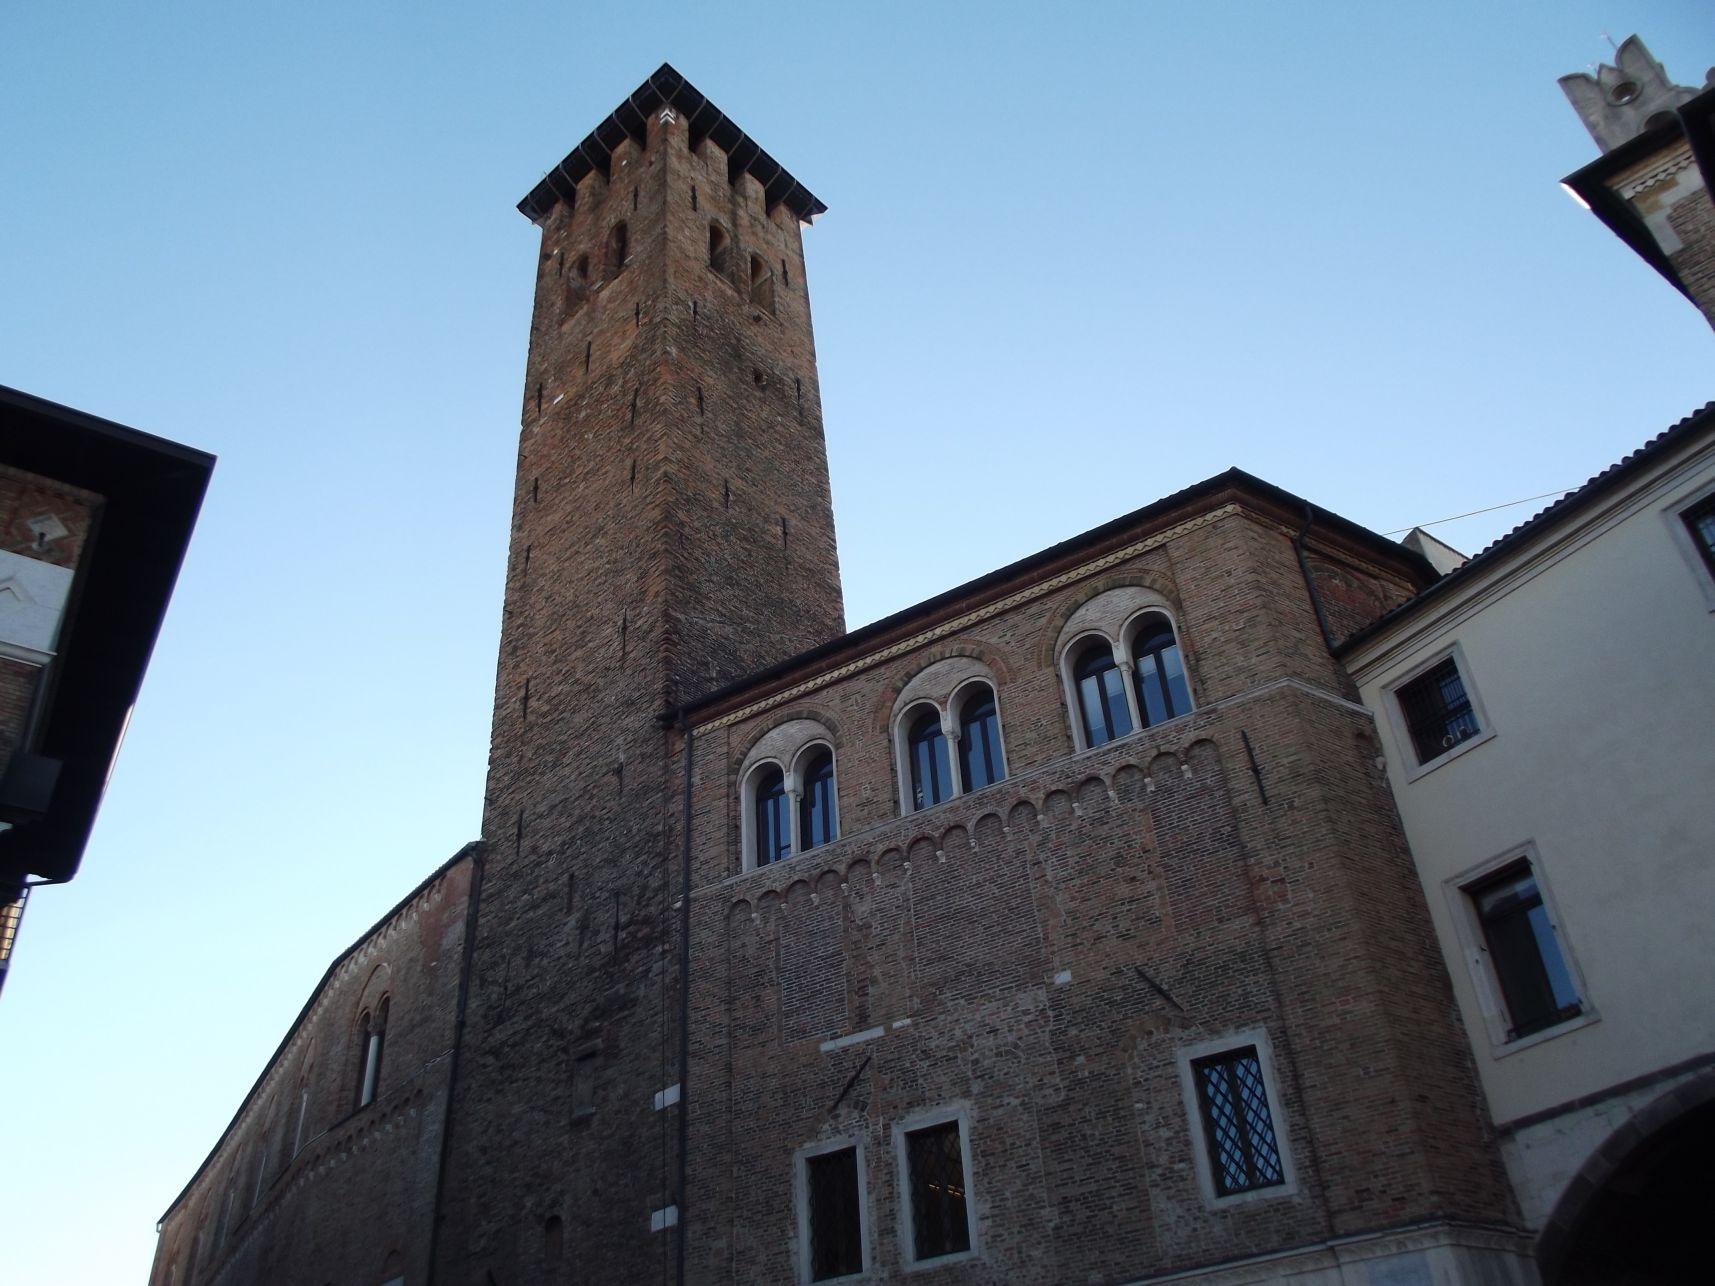 Elöljárók tornya